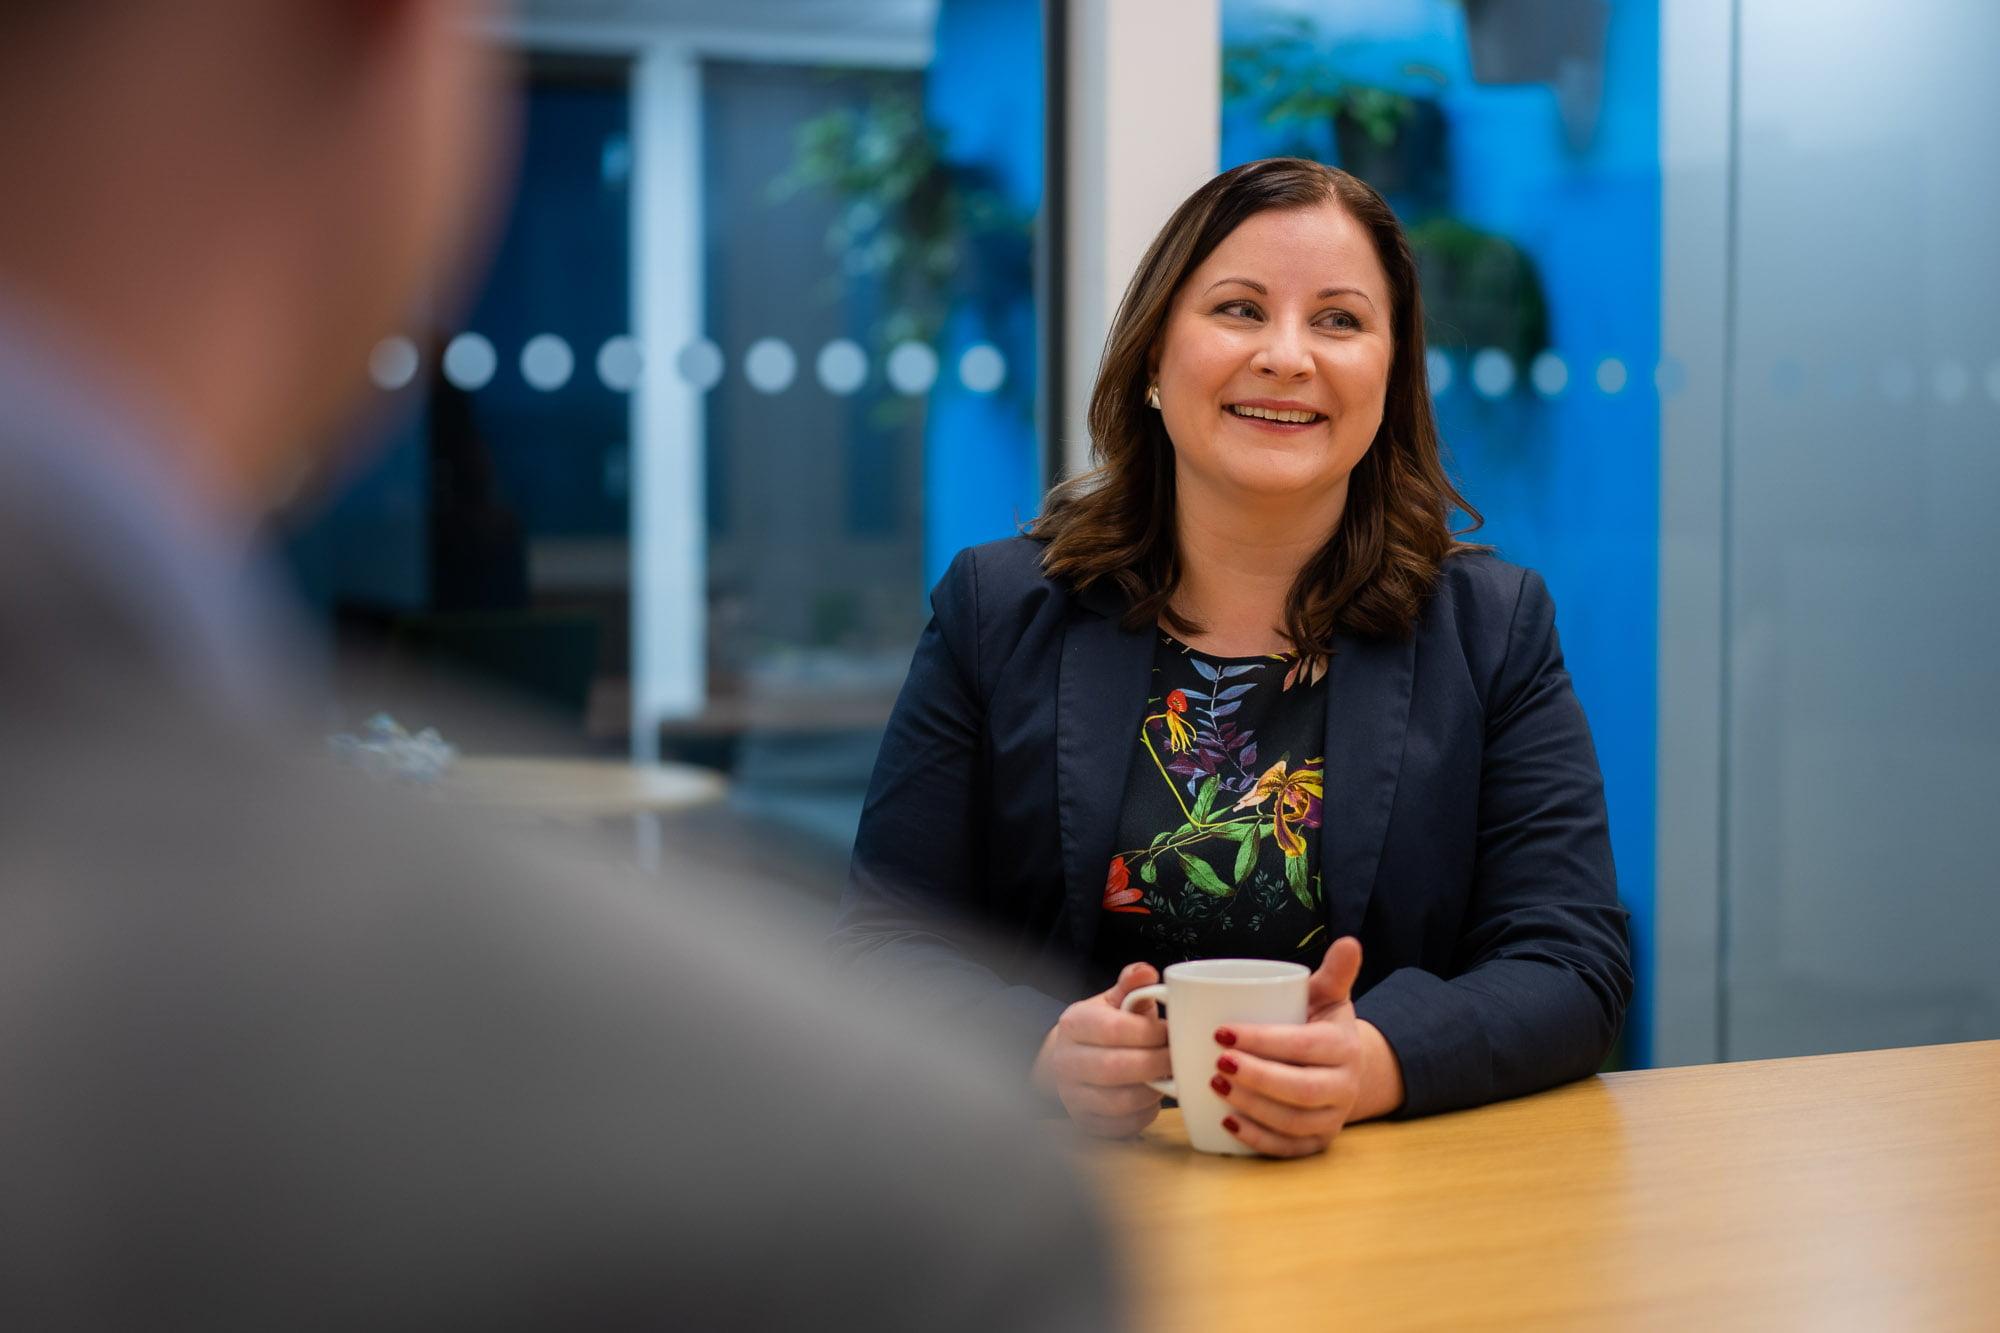 """Tanja Uotila liiketoimintajohtajaksi: """"Tavoitteena kasvaa yhteistyössä asiakkaiden ja kumppanien kanssa"""""""